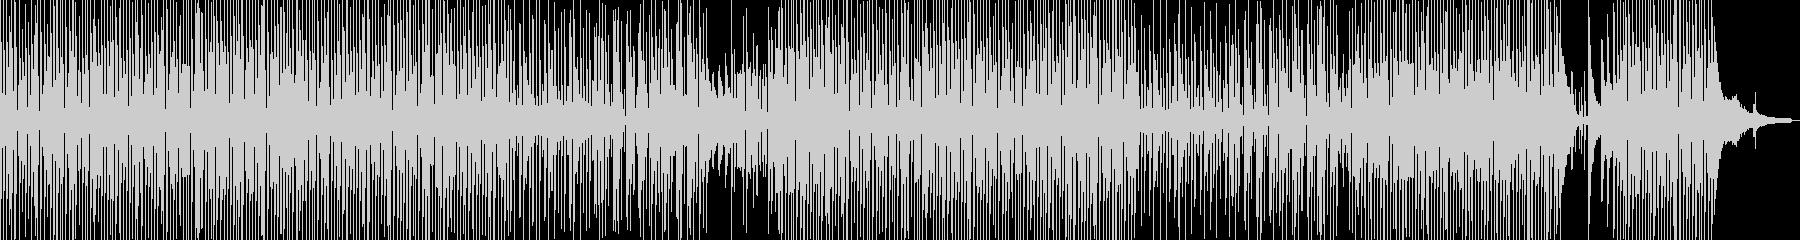 軽快・日常的な映像や作品に ★の未再生の波形